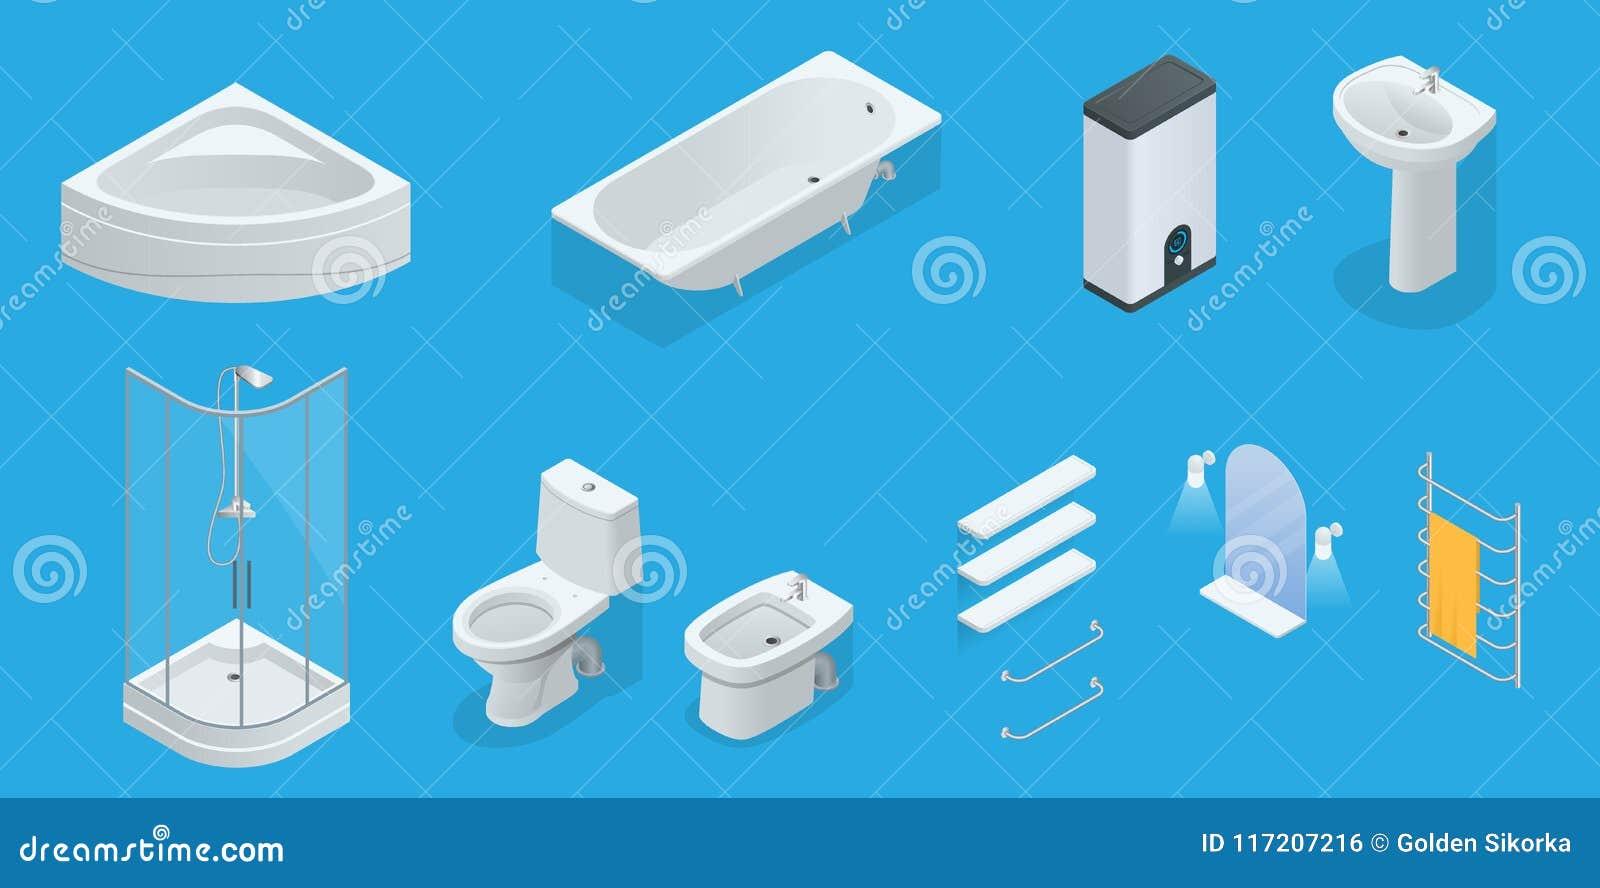 传染媒介等量套卫生间家具 极可意浴缸,浴,锅炉,水盆,阵雨,阵雨,洗手间,净身盆,烘干机